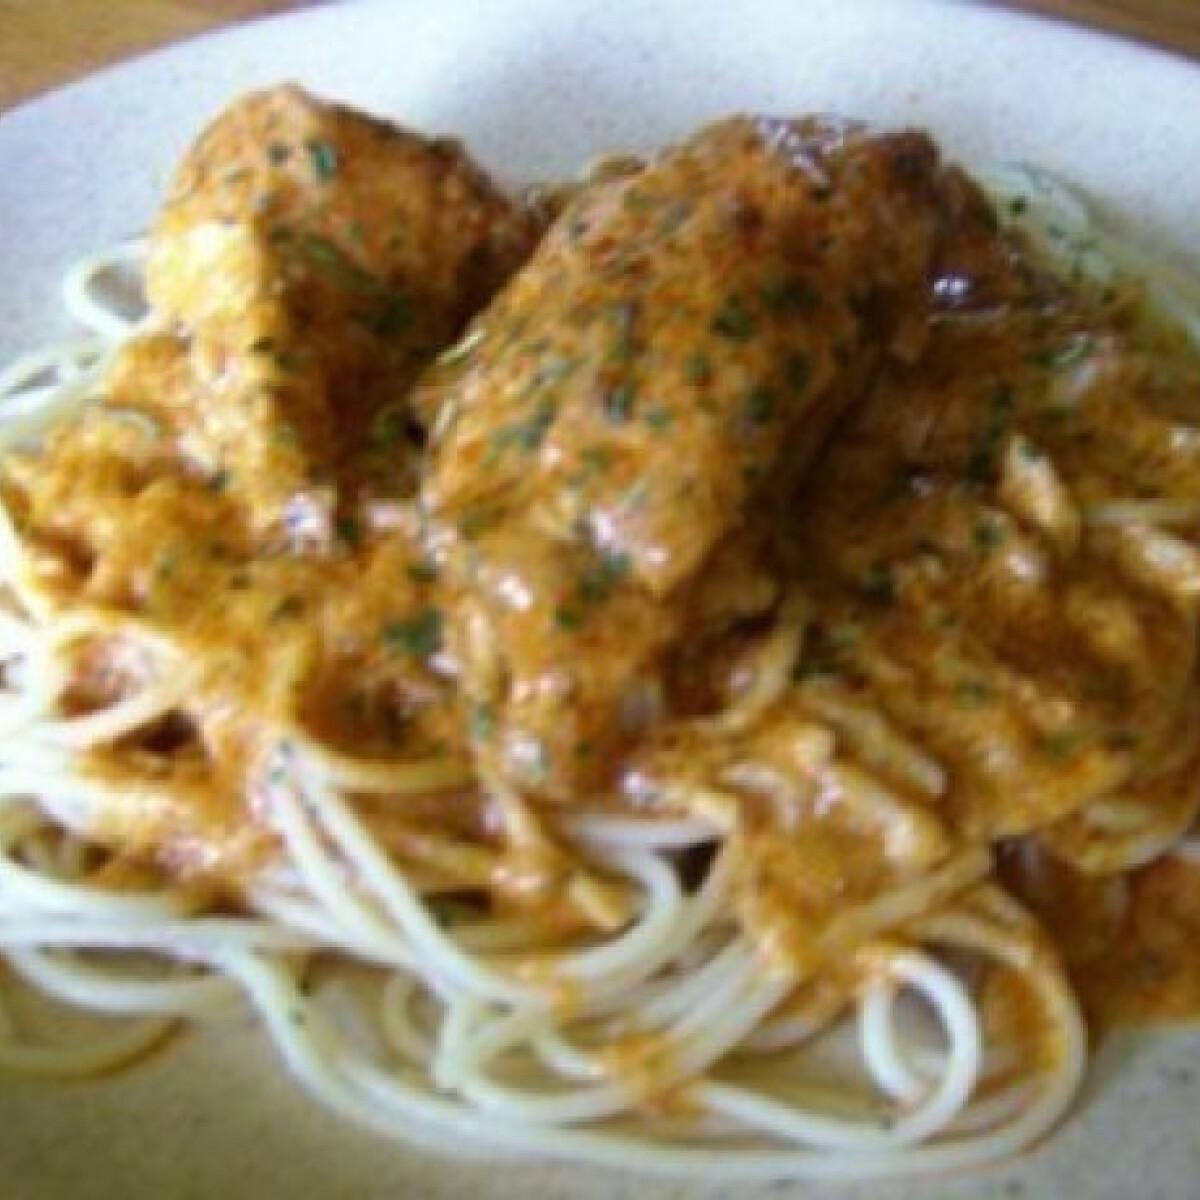 Ezen a képen: Mediterrán szószos csirke